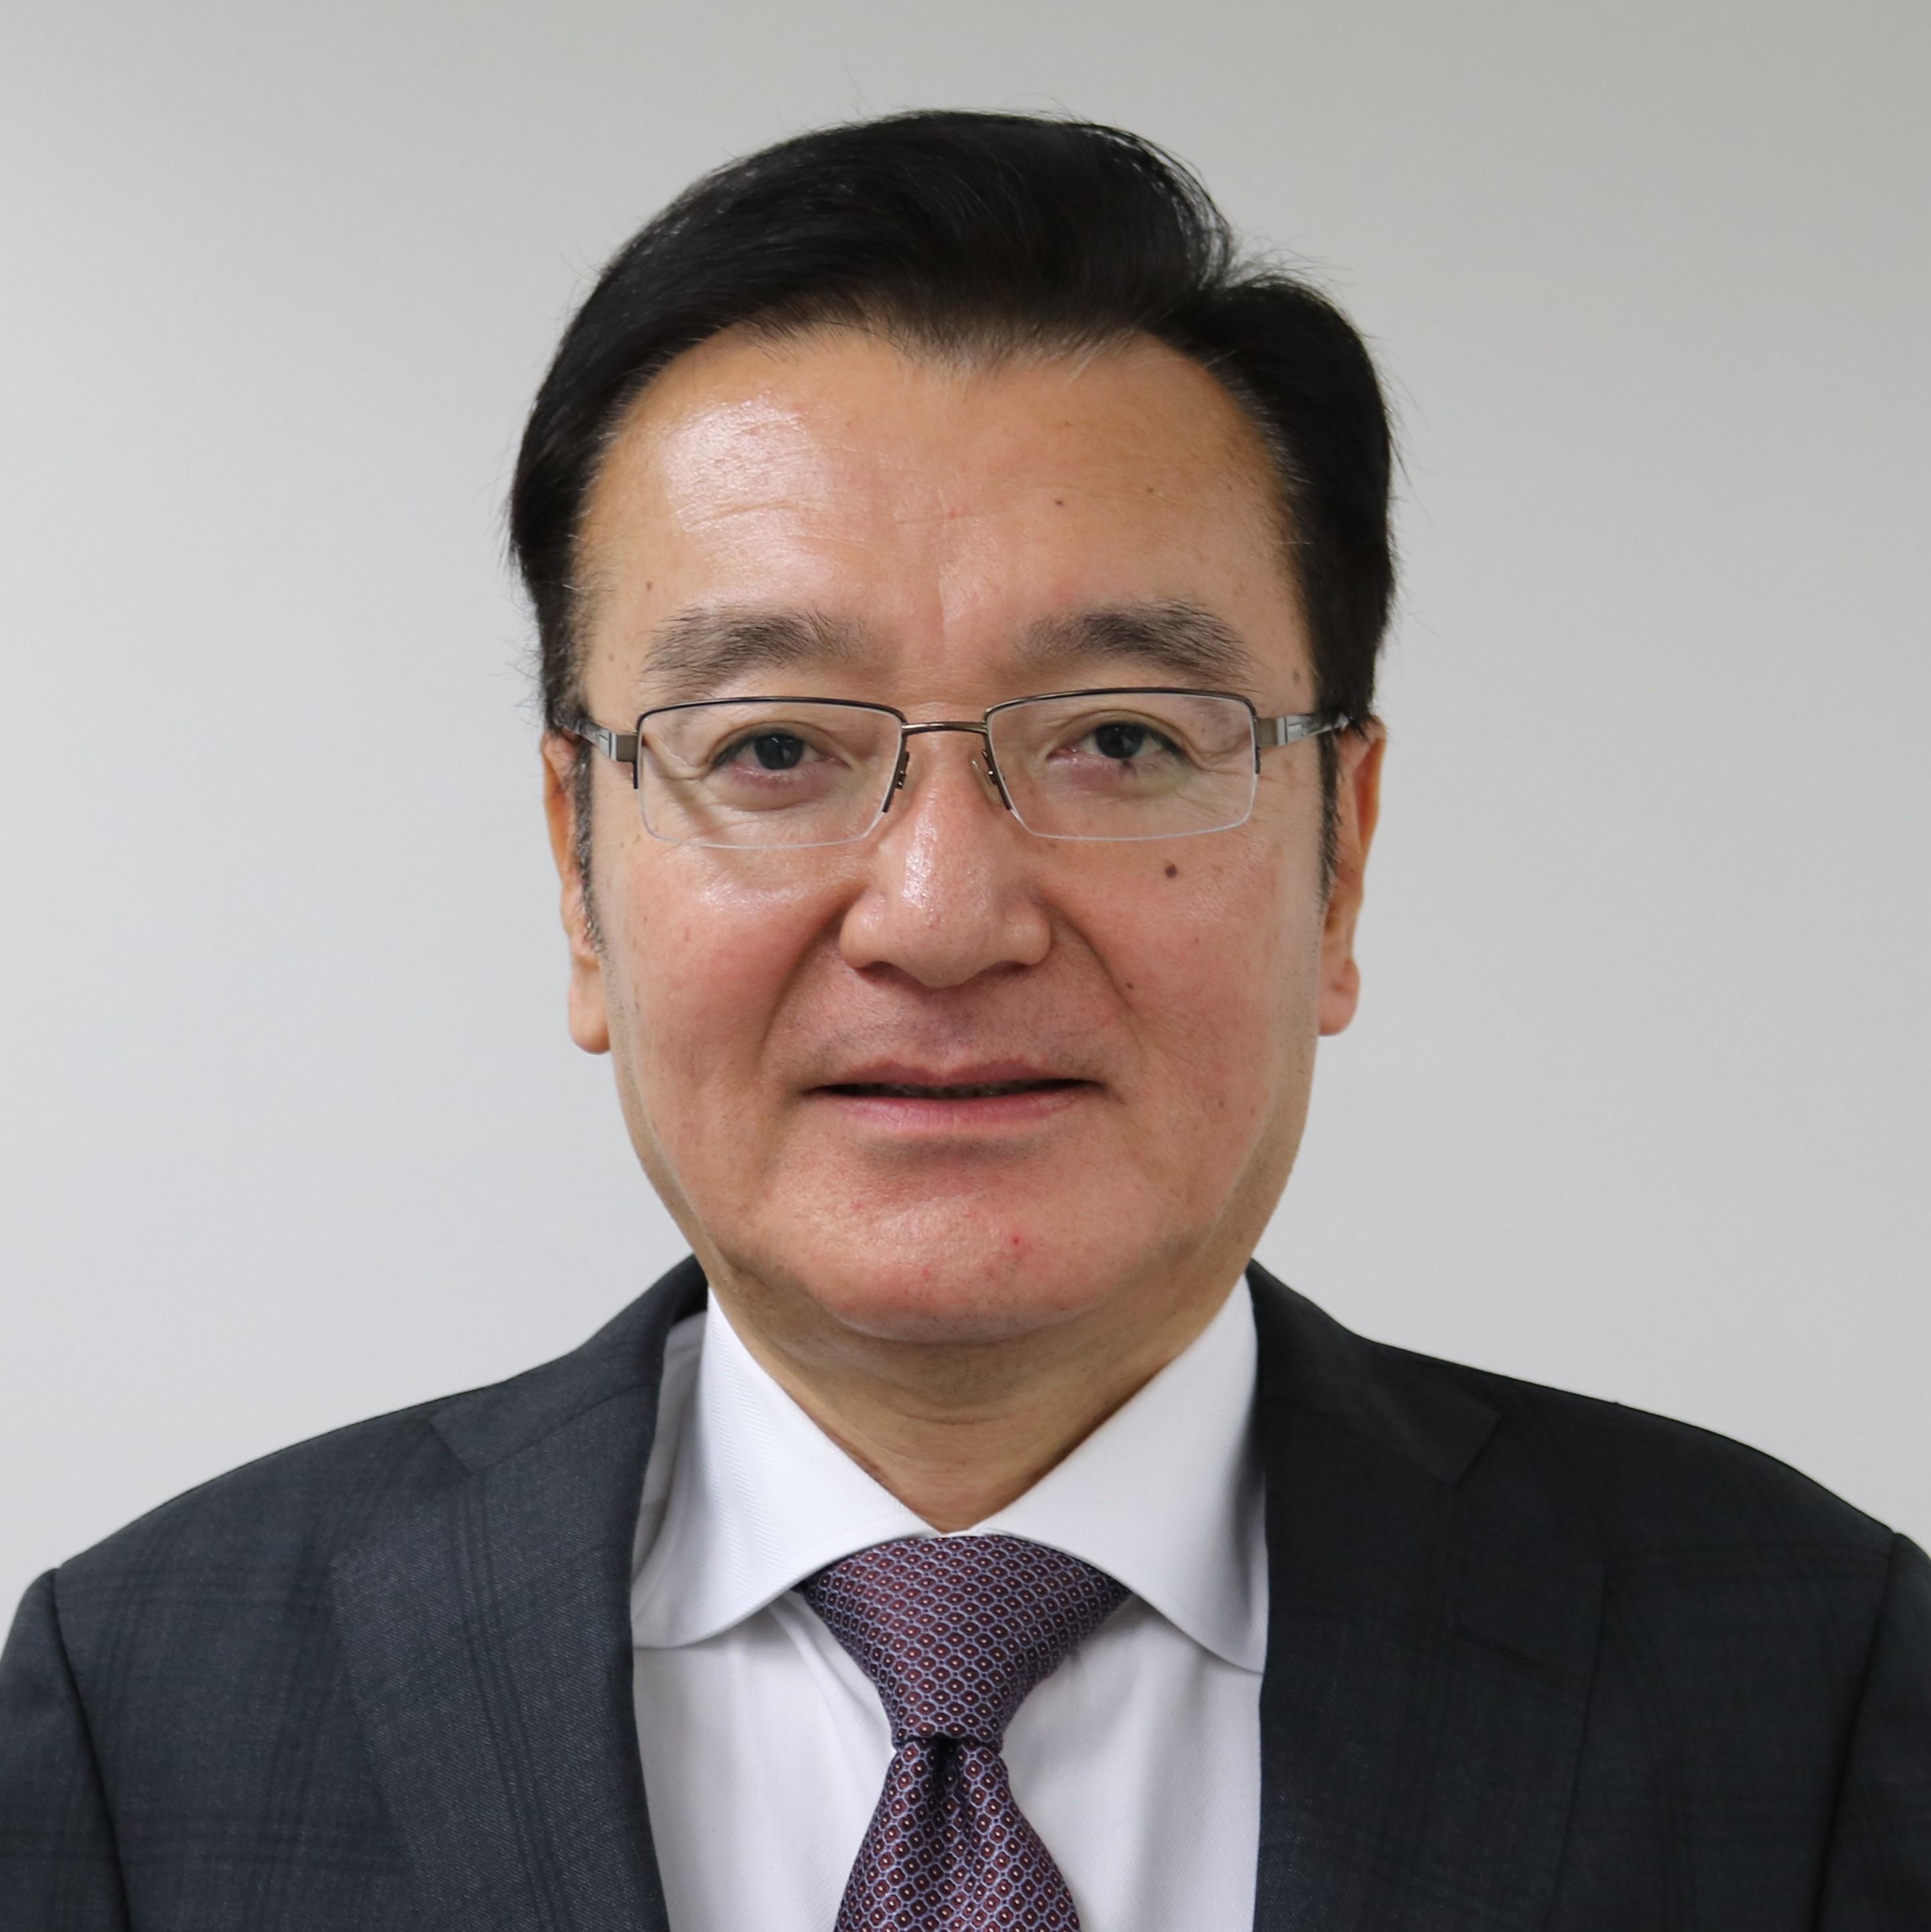 Tadahiko Kaneko